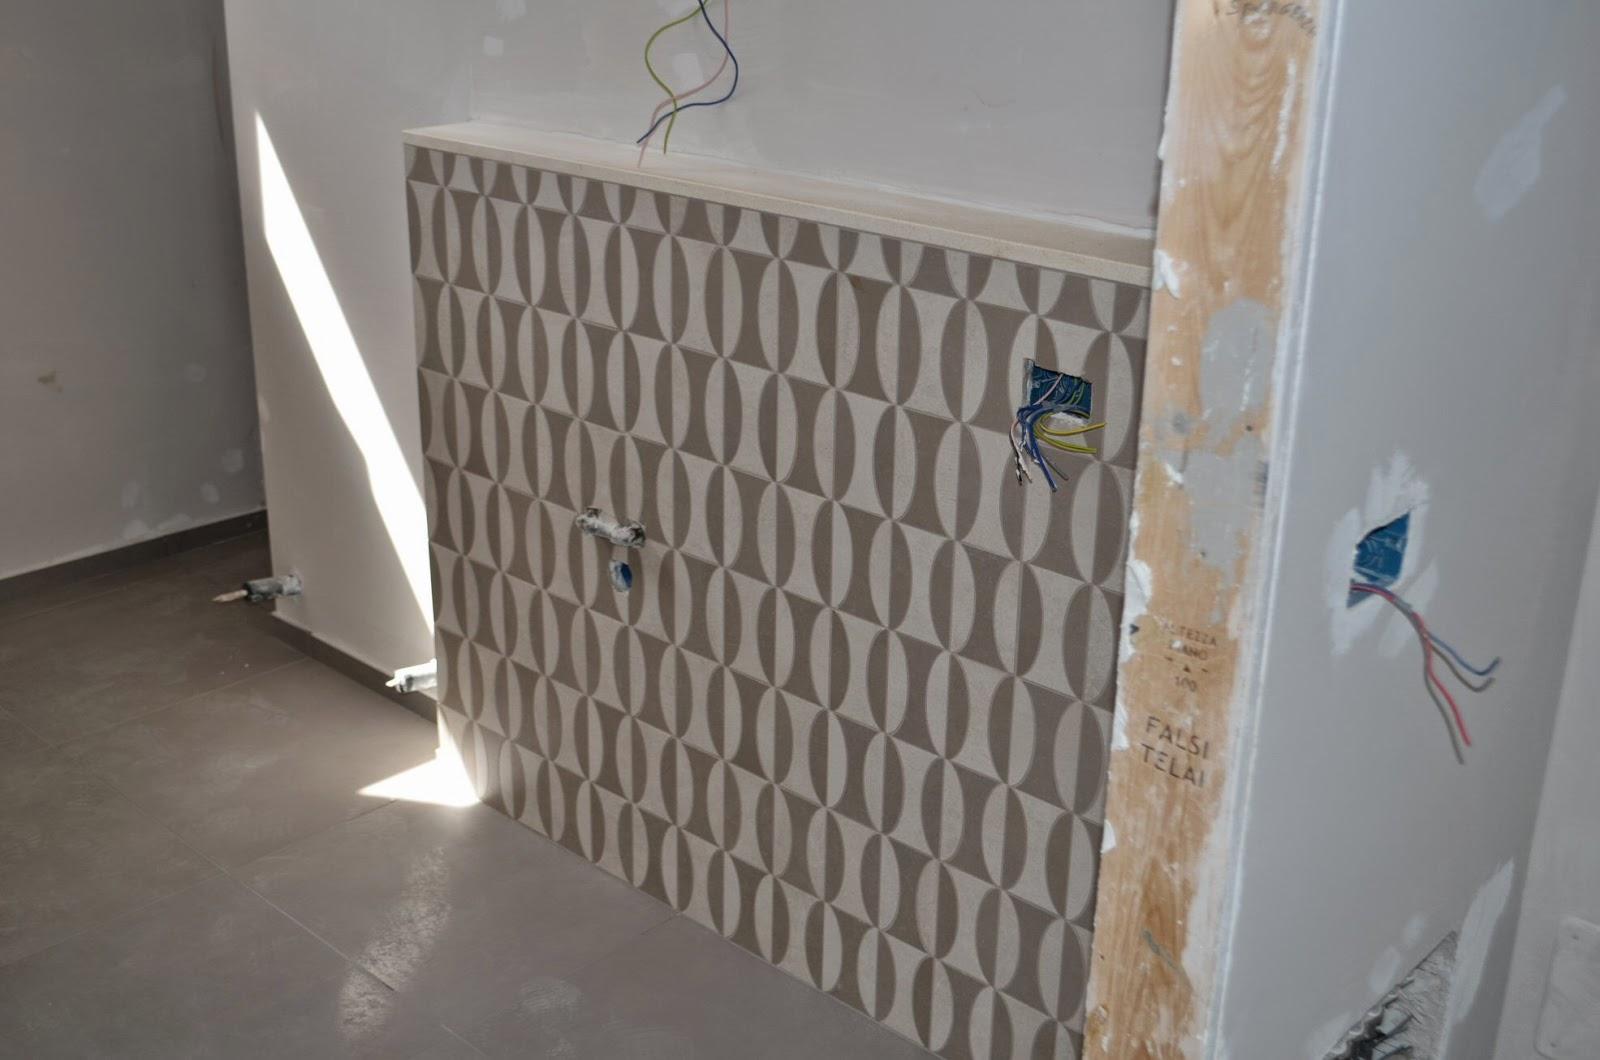 casa delle ginestre: terminata la posa di pavimenti e rivestimenti - Bagni Con Mutina